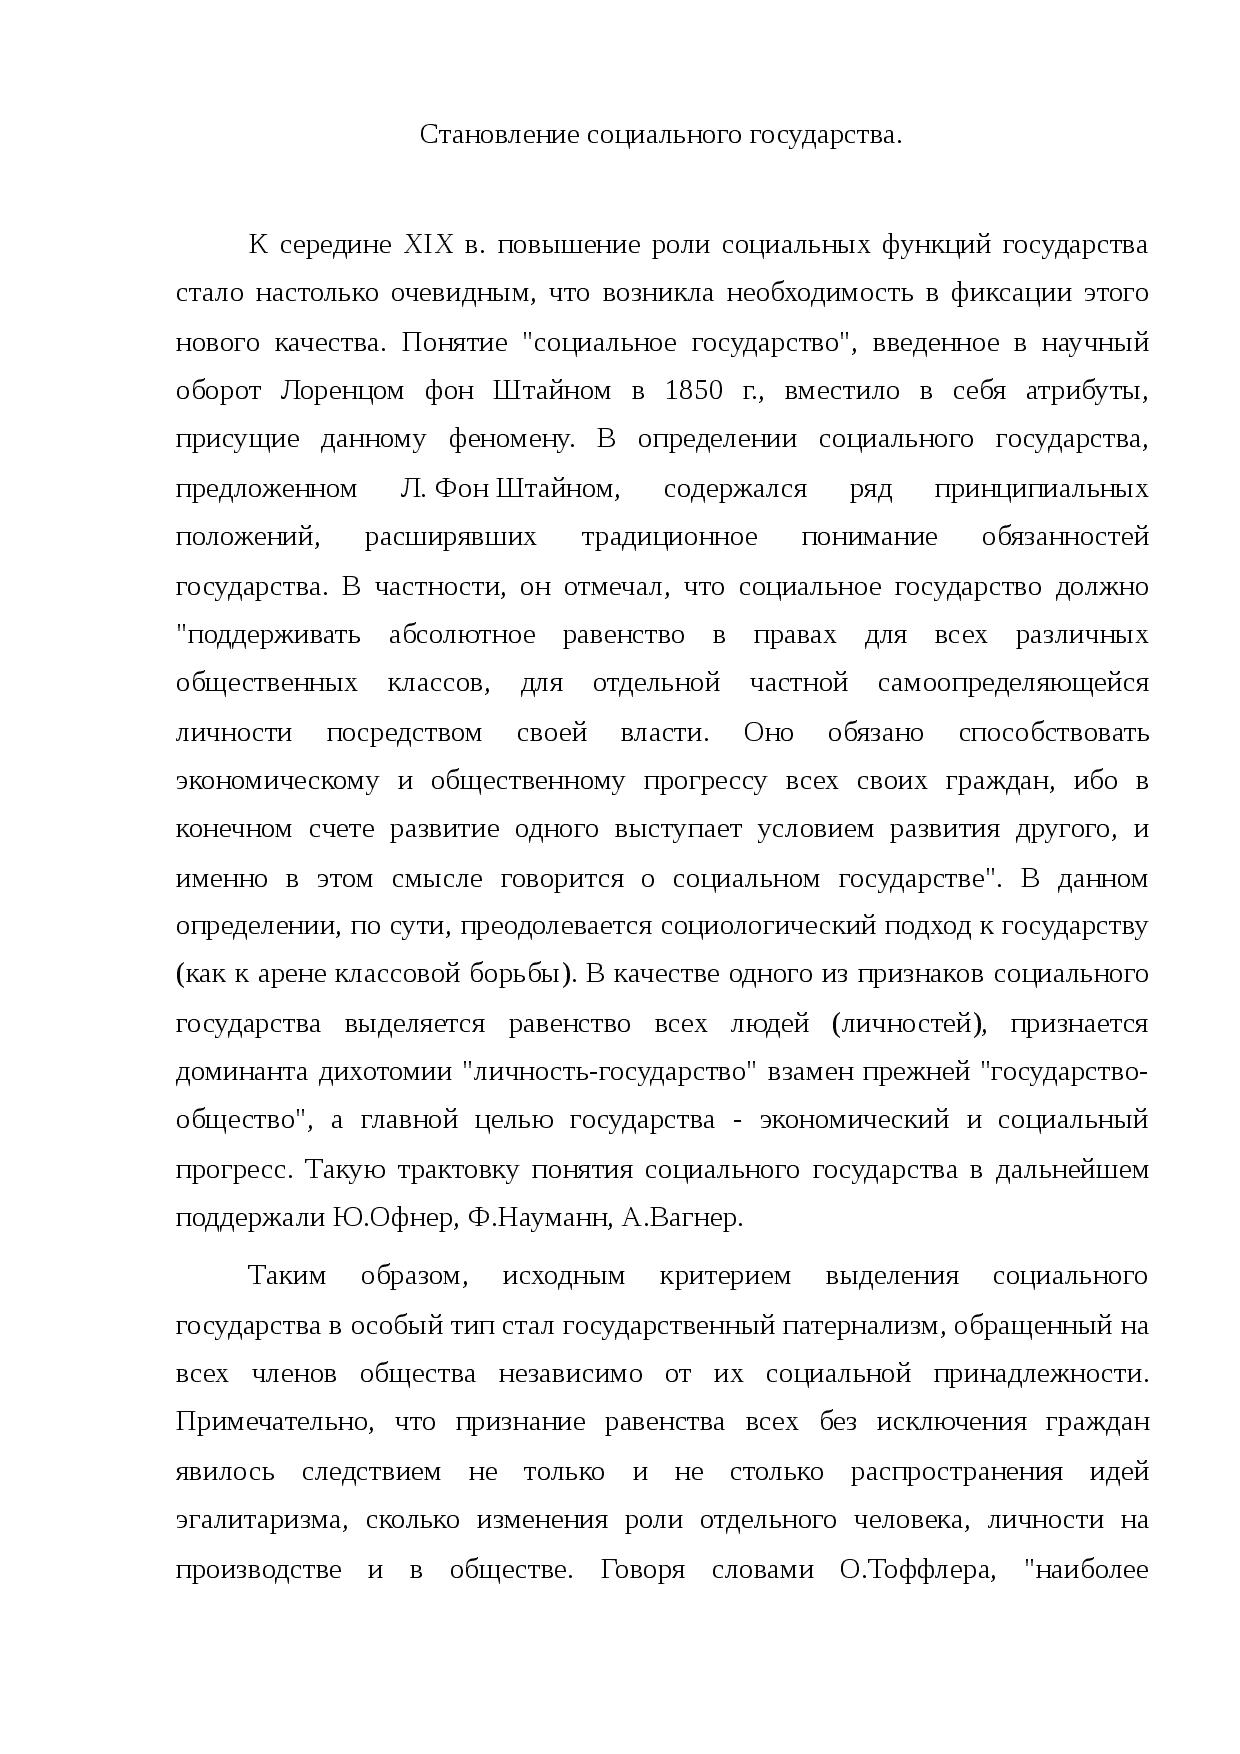 Социальное государство: понятие и признаки, функции